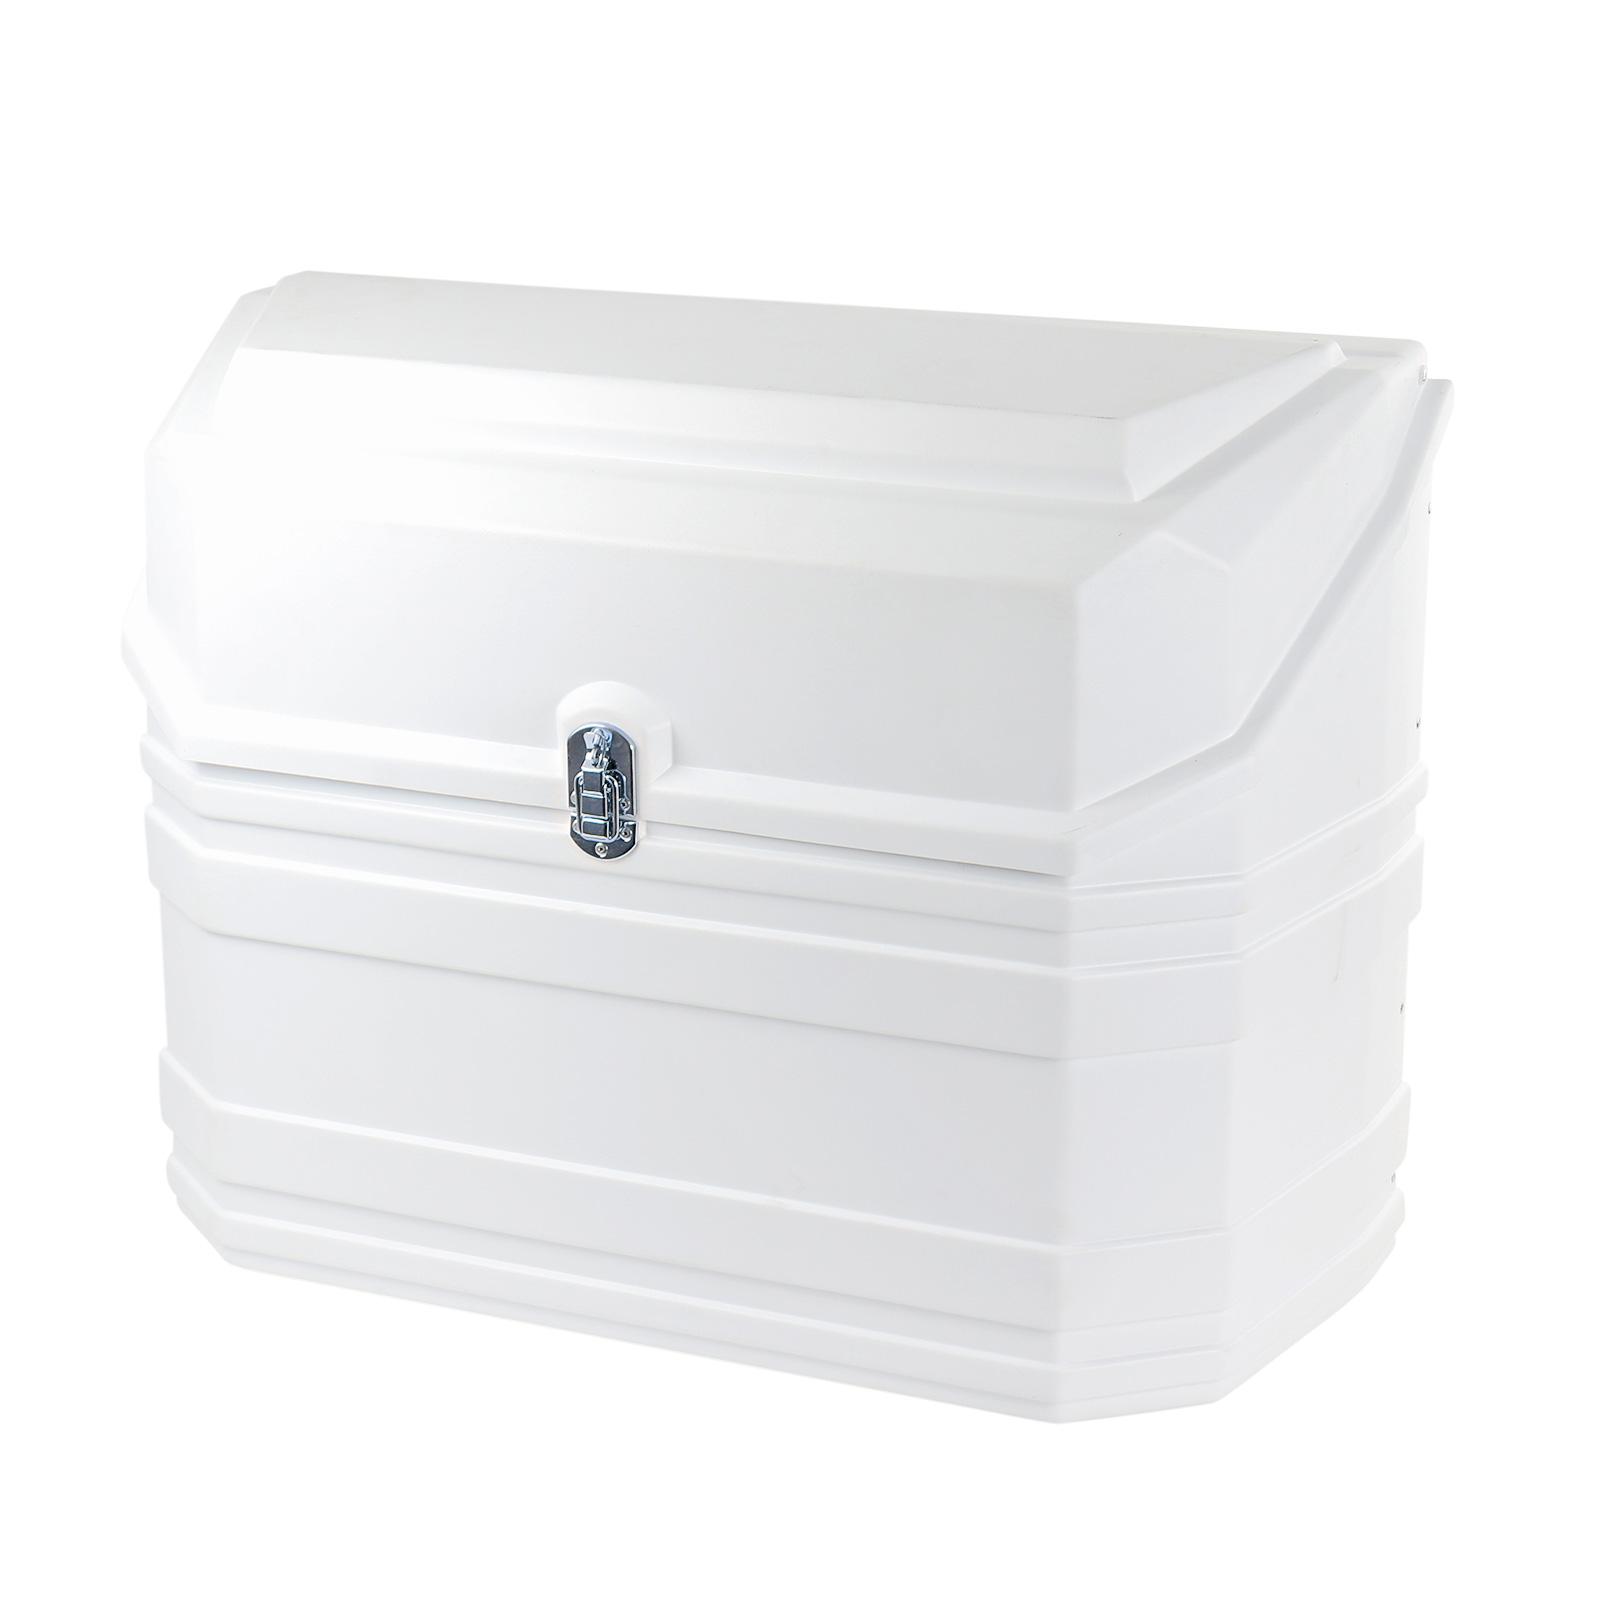 Gasflaschenkasten für 2 Gasflaschen 11 Kg | gerade Rückwand | Weiß